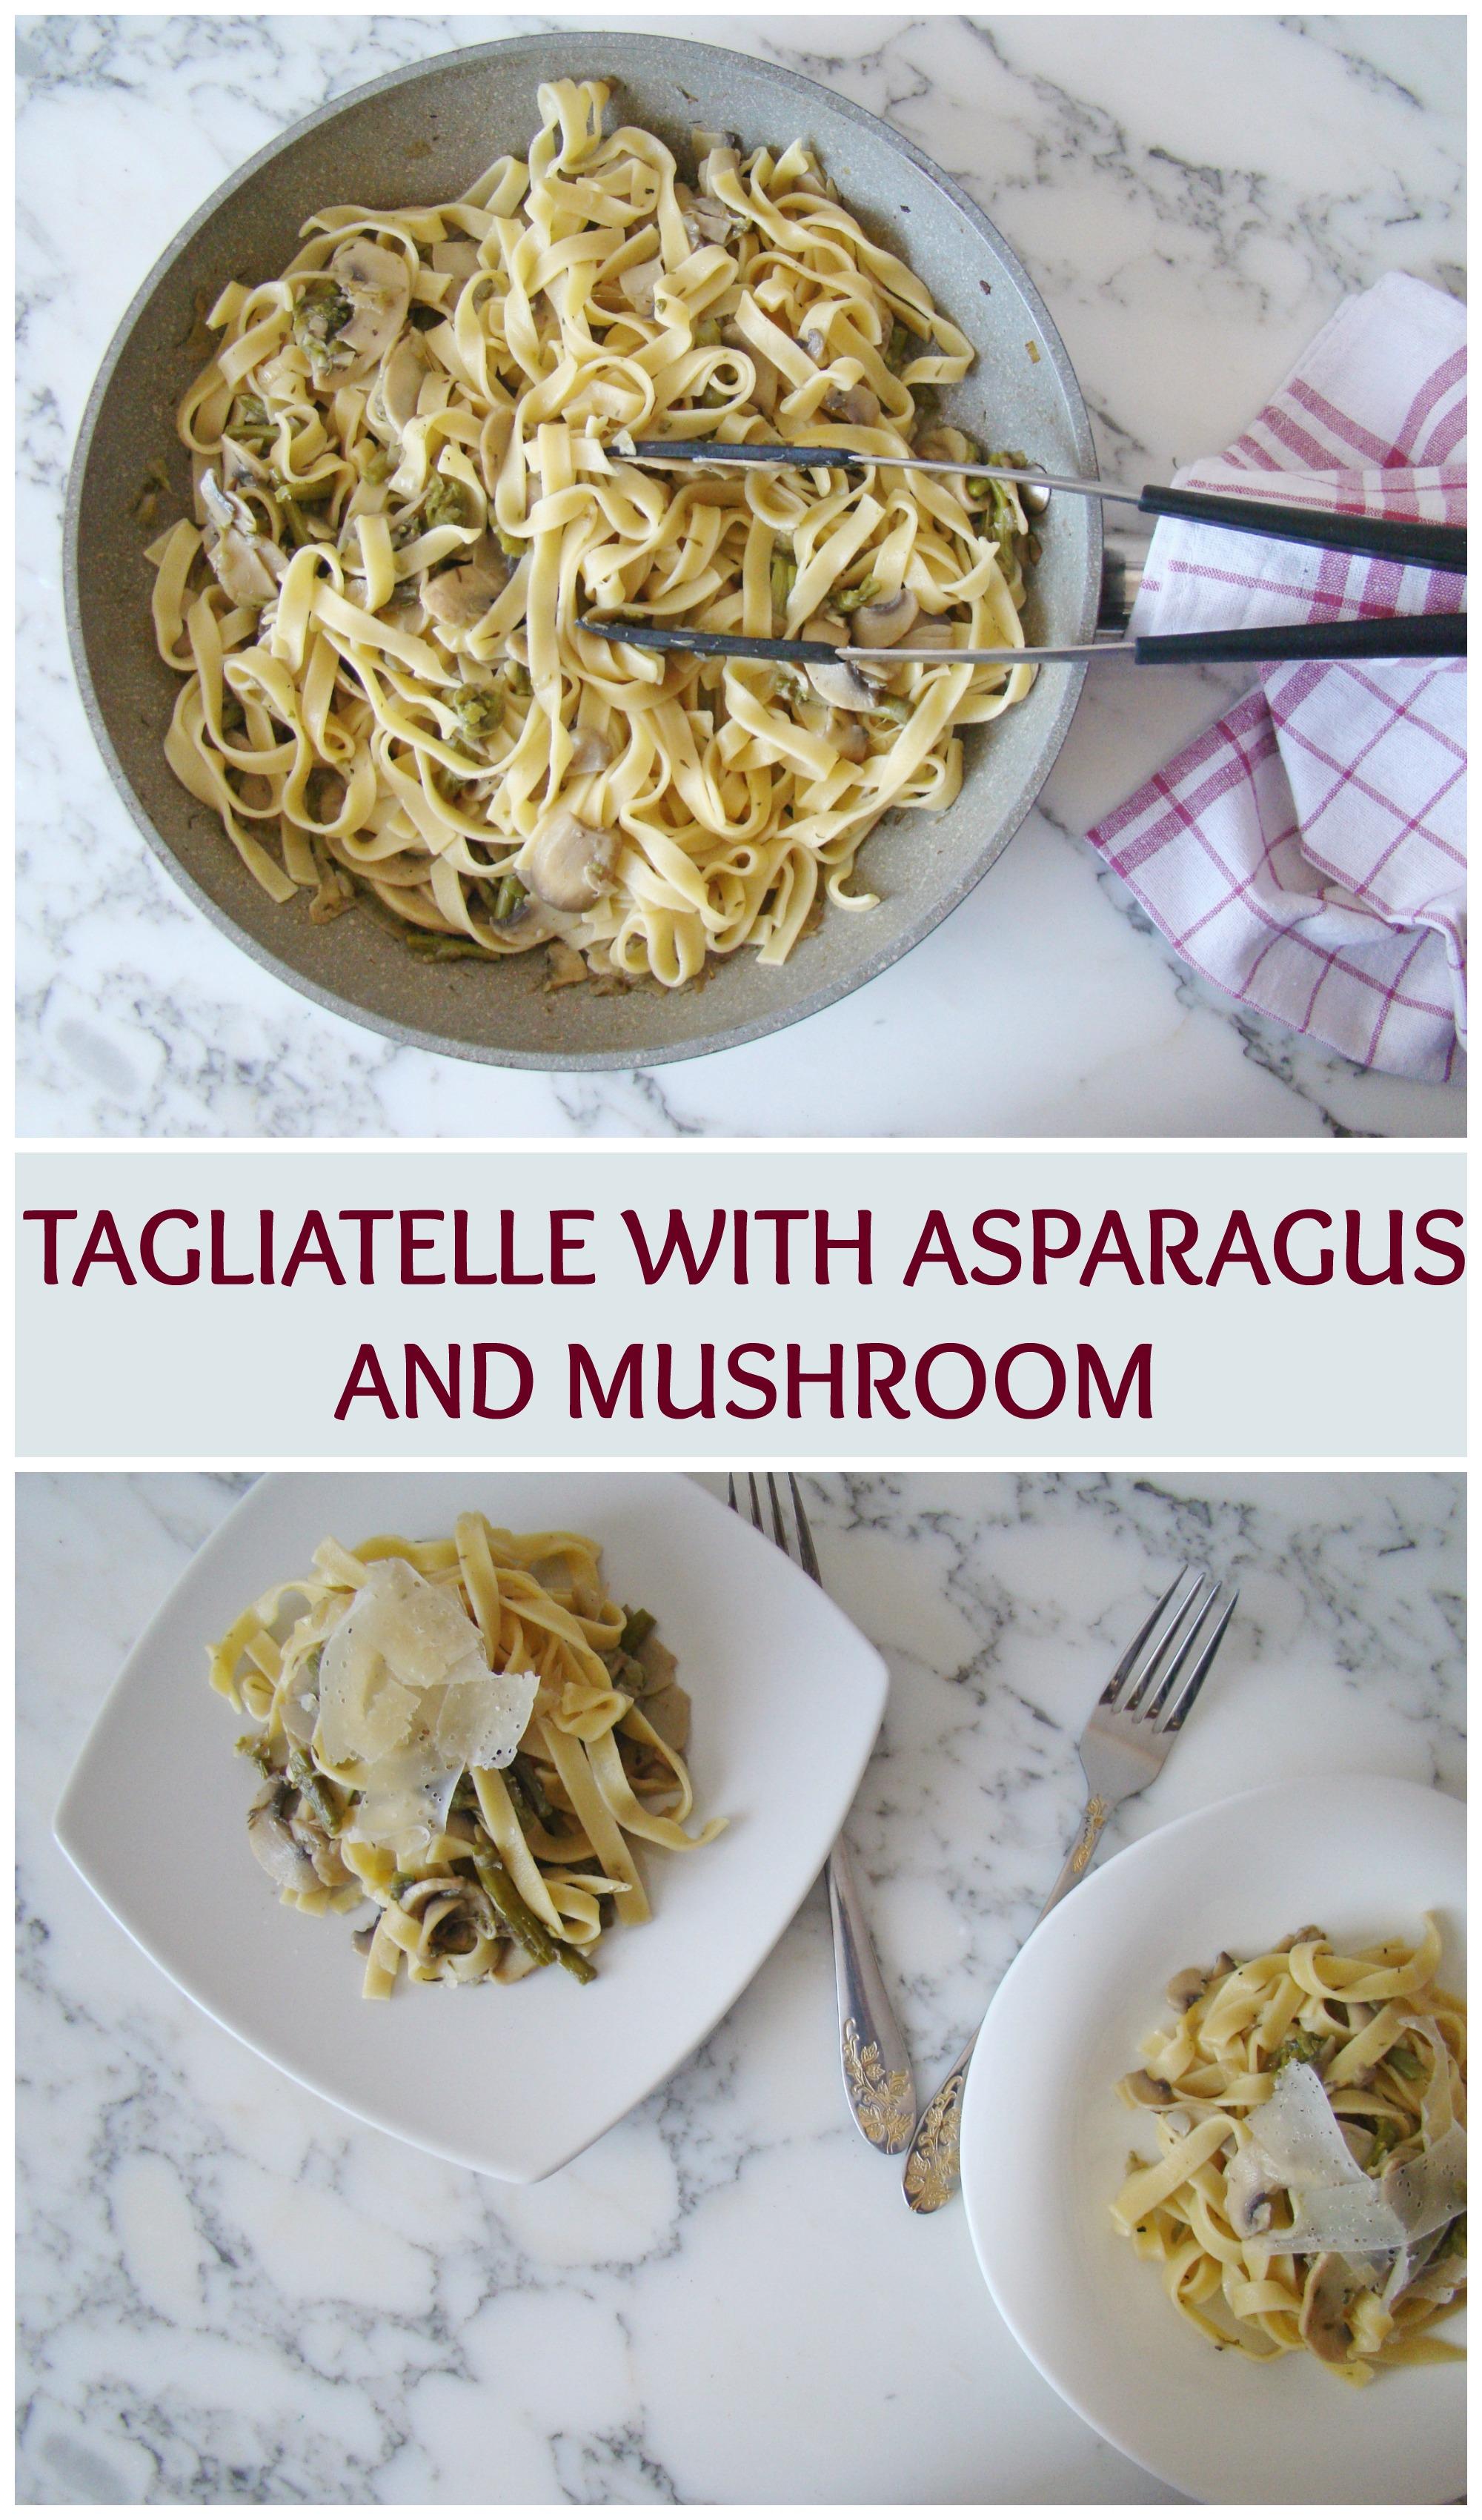 Tagliatelle with Asparagus and Mushroom